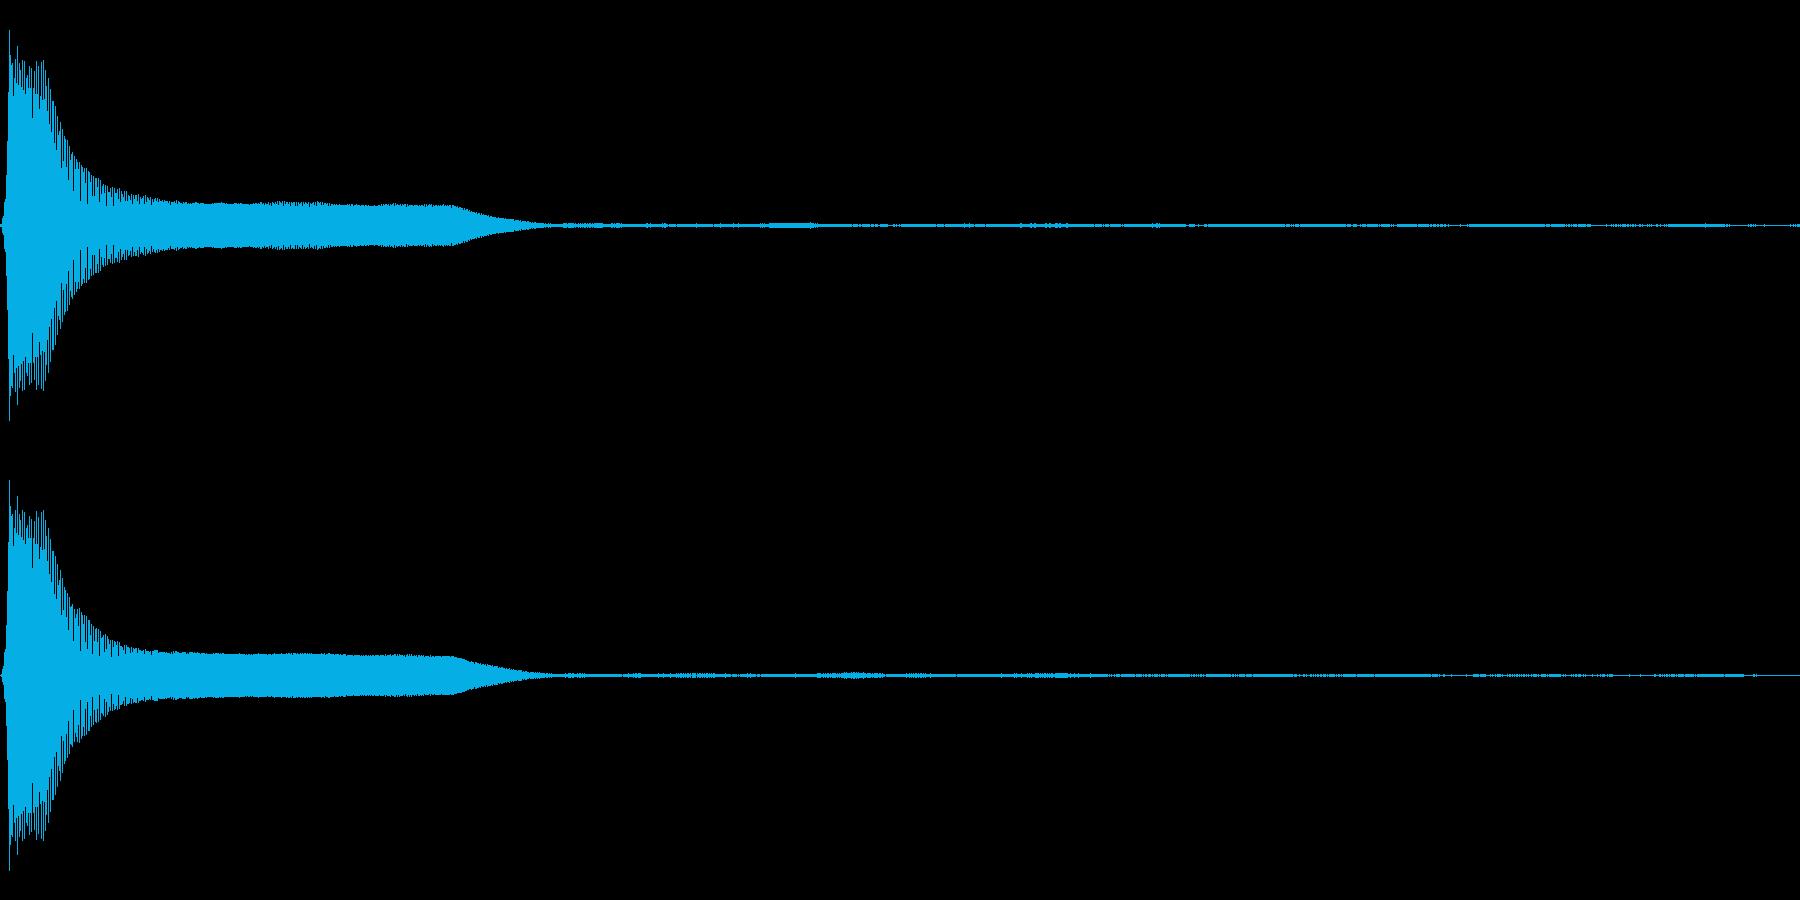 Count カウントダウン 単発音 3の再生済みの波形